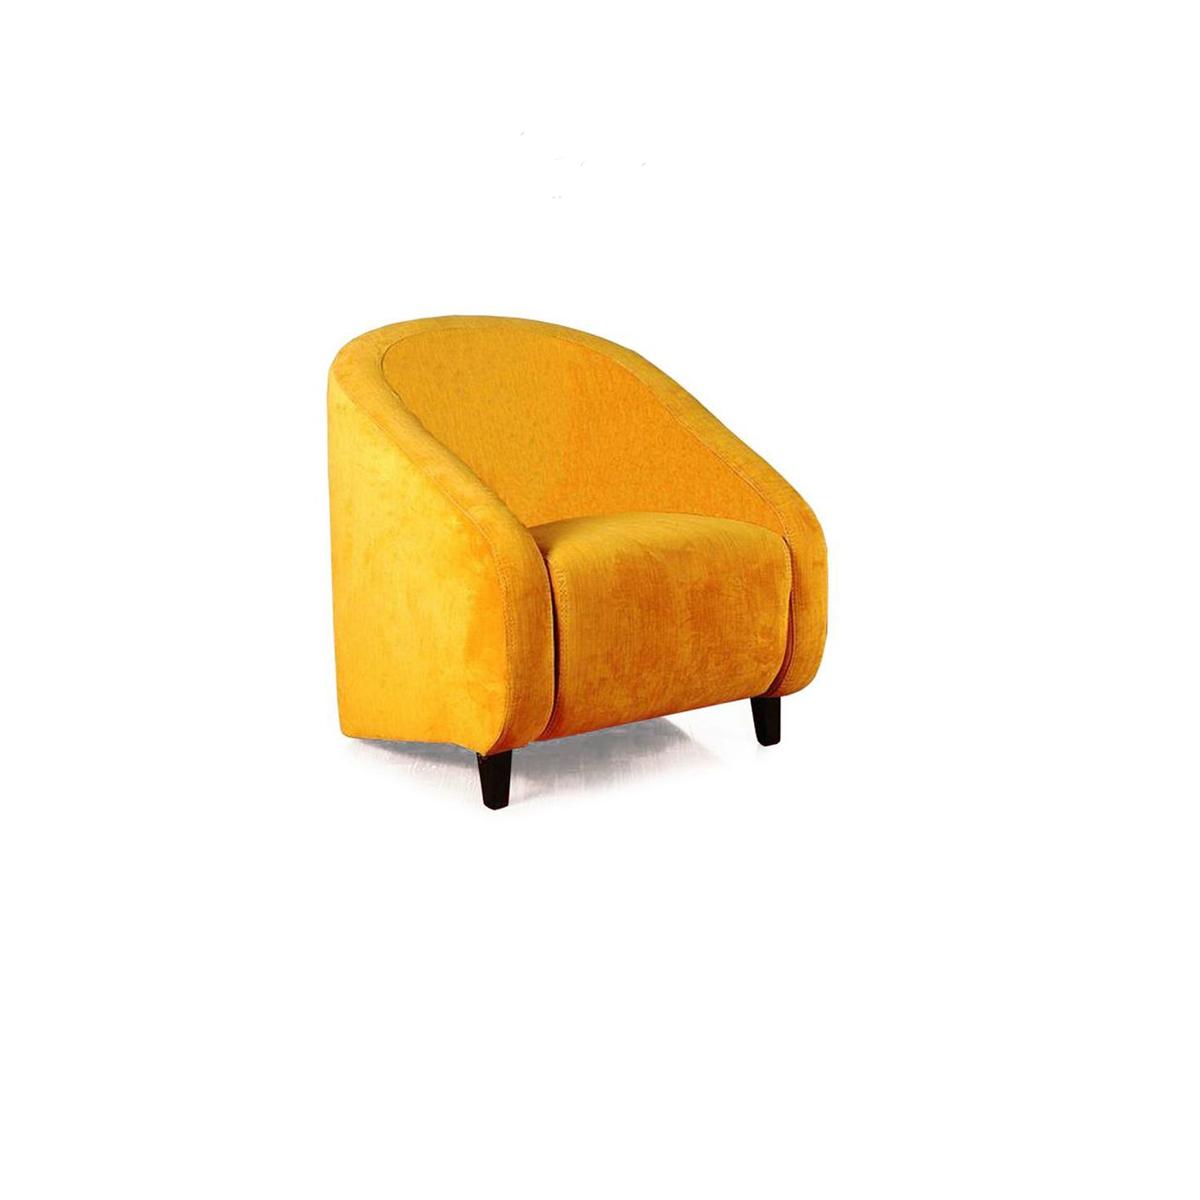 sessel pisa moebel trend 24. Black Bedroom Furniture Sets. Home Design Ideas